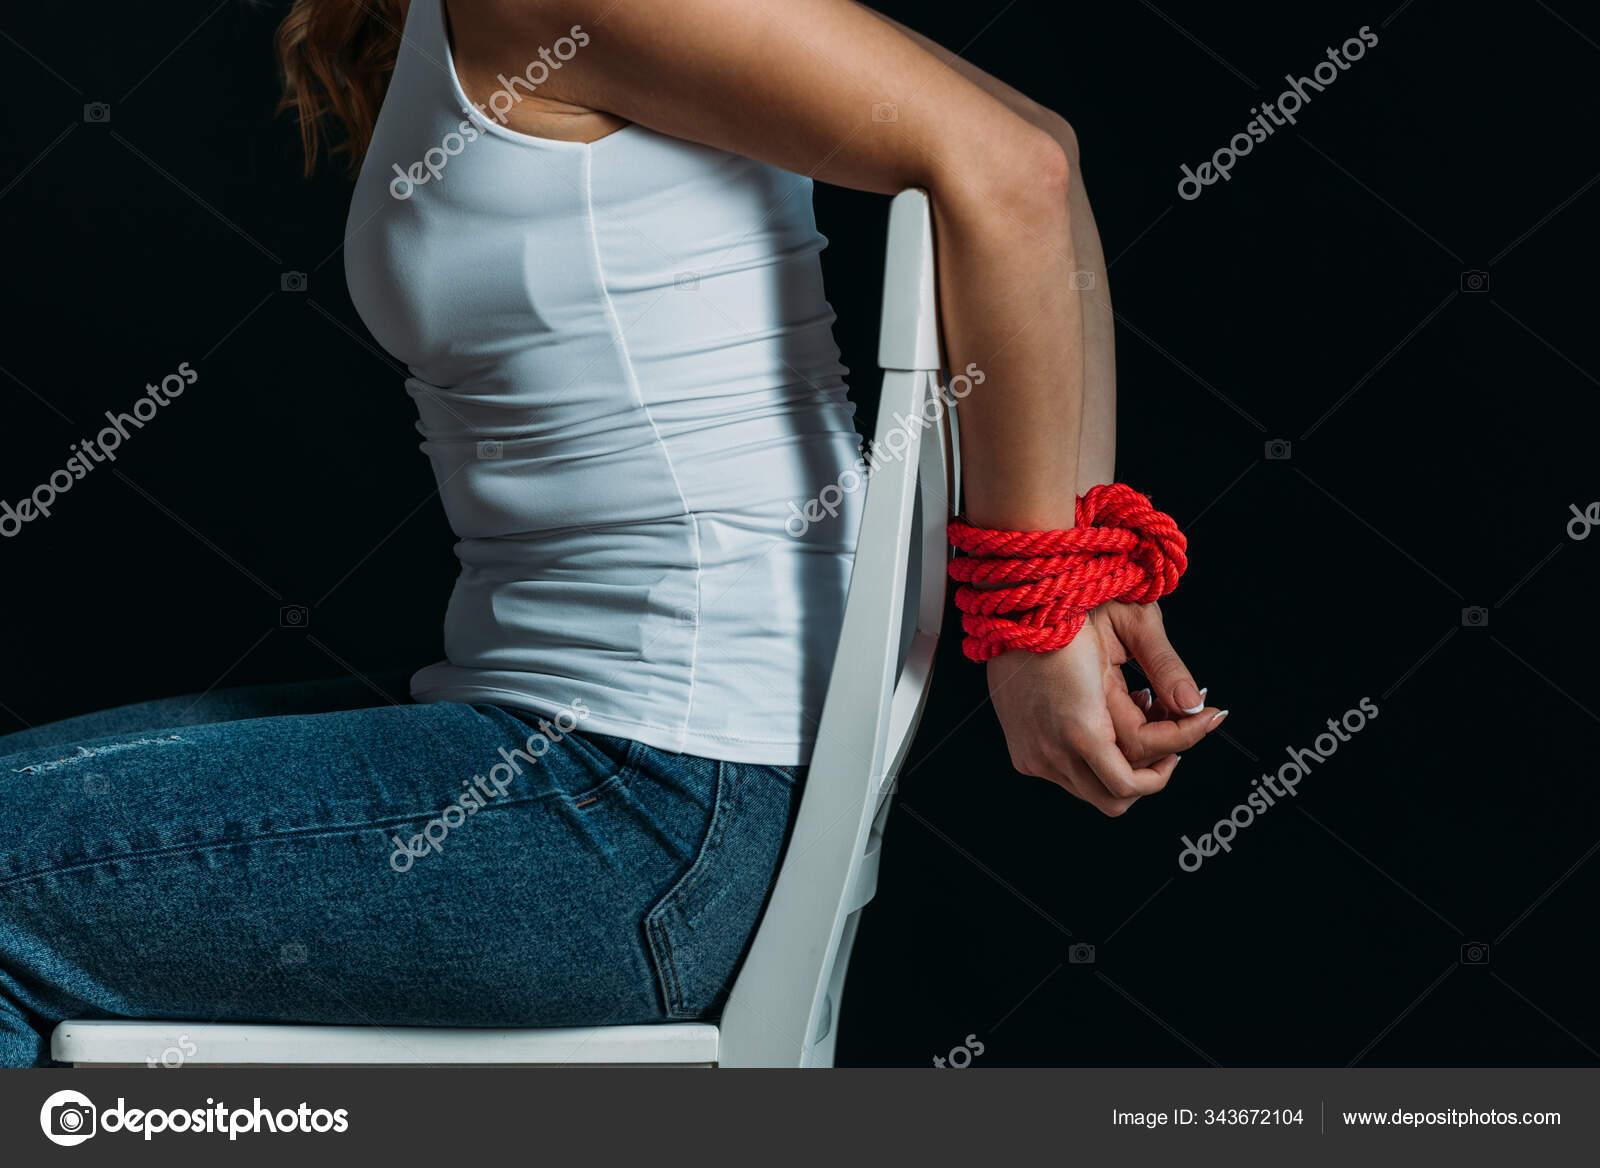 elleri bagli beyaz sandalyede siyah uzerine izole edilmis kadin manzarasi 343672104